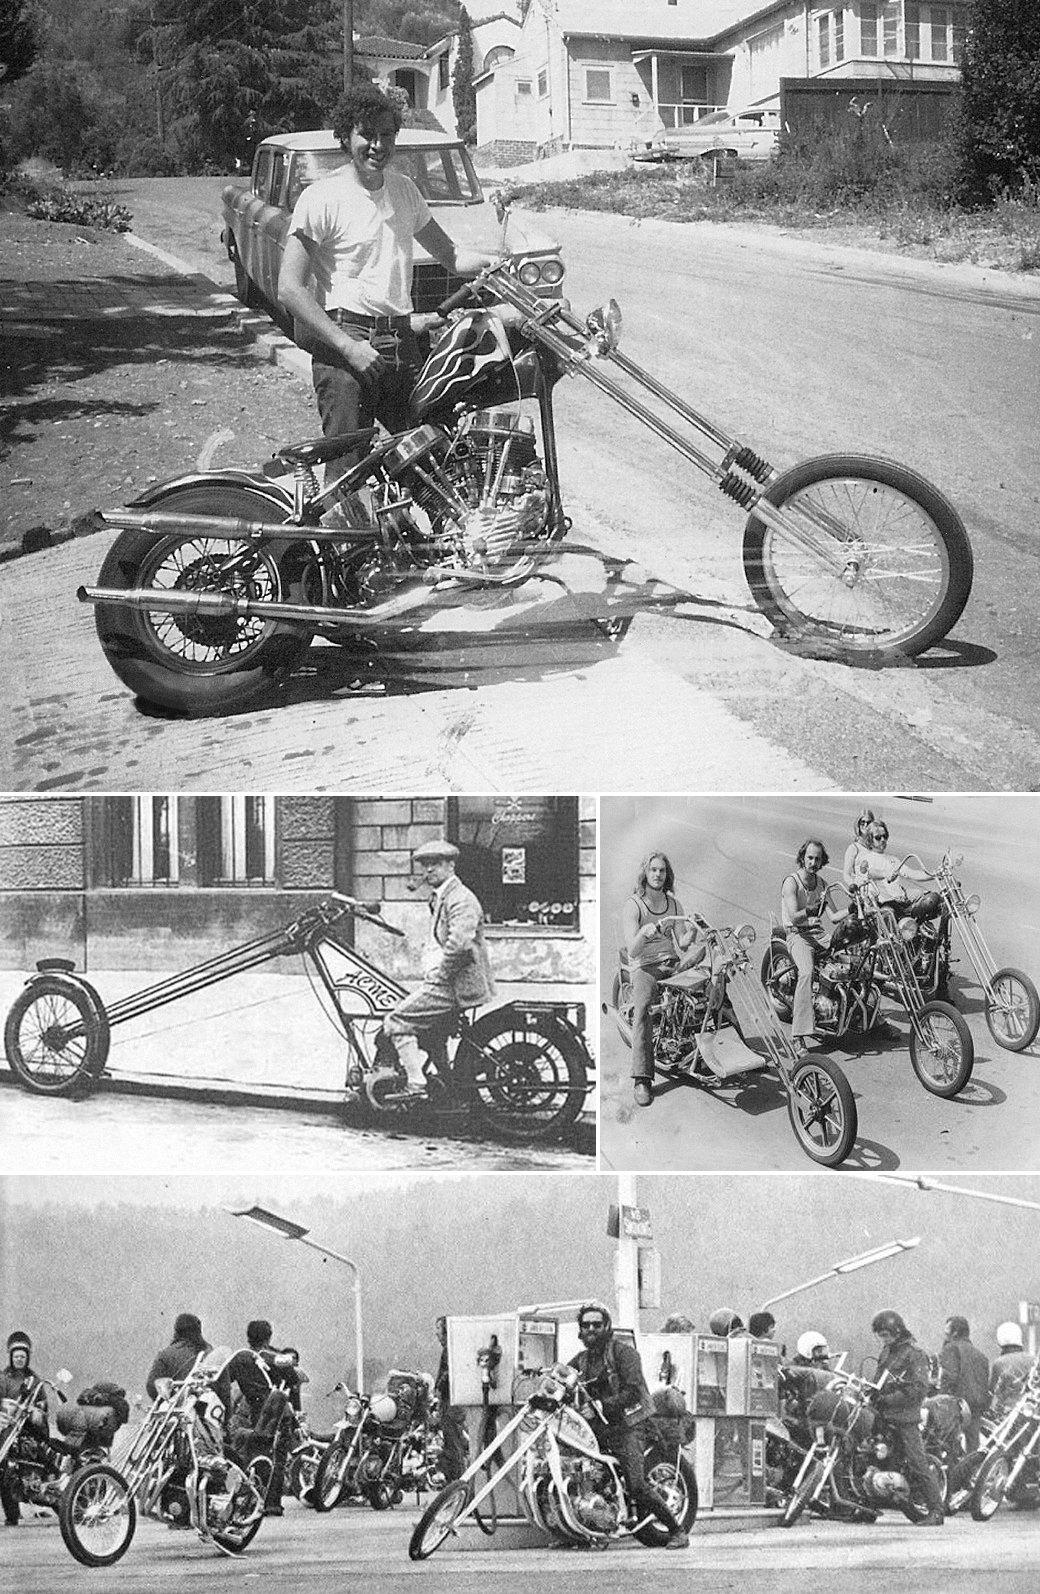 Все, что нужно знать о чопперах — мотоциклах с американским духом свободы. Изображение №1.